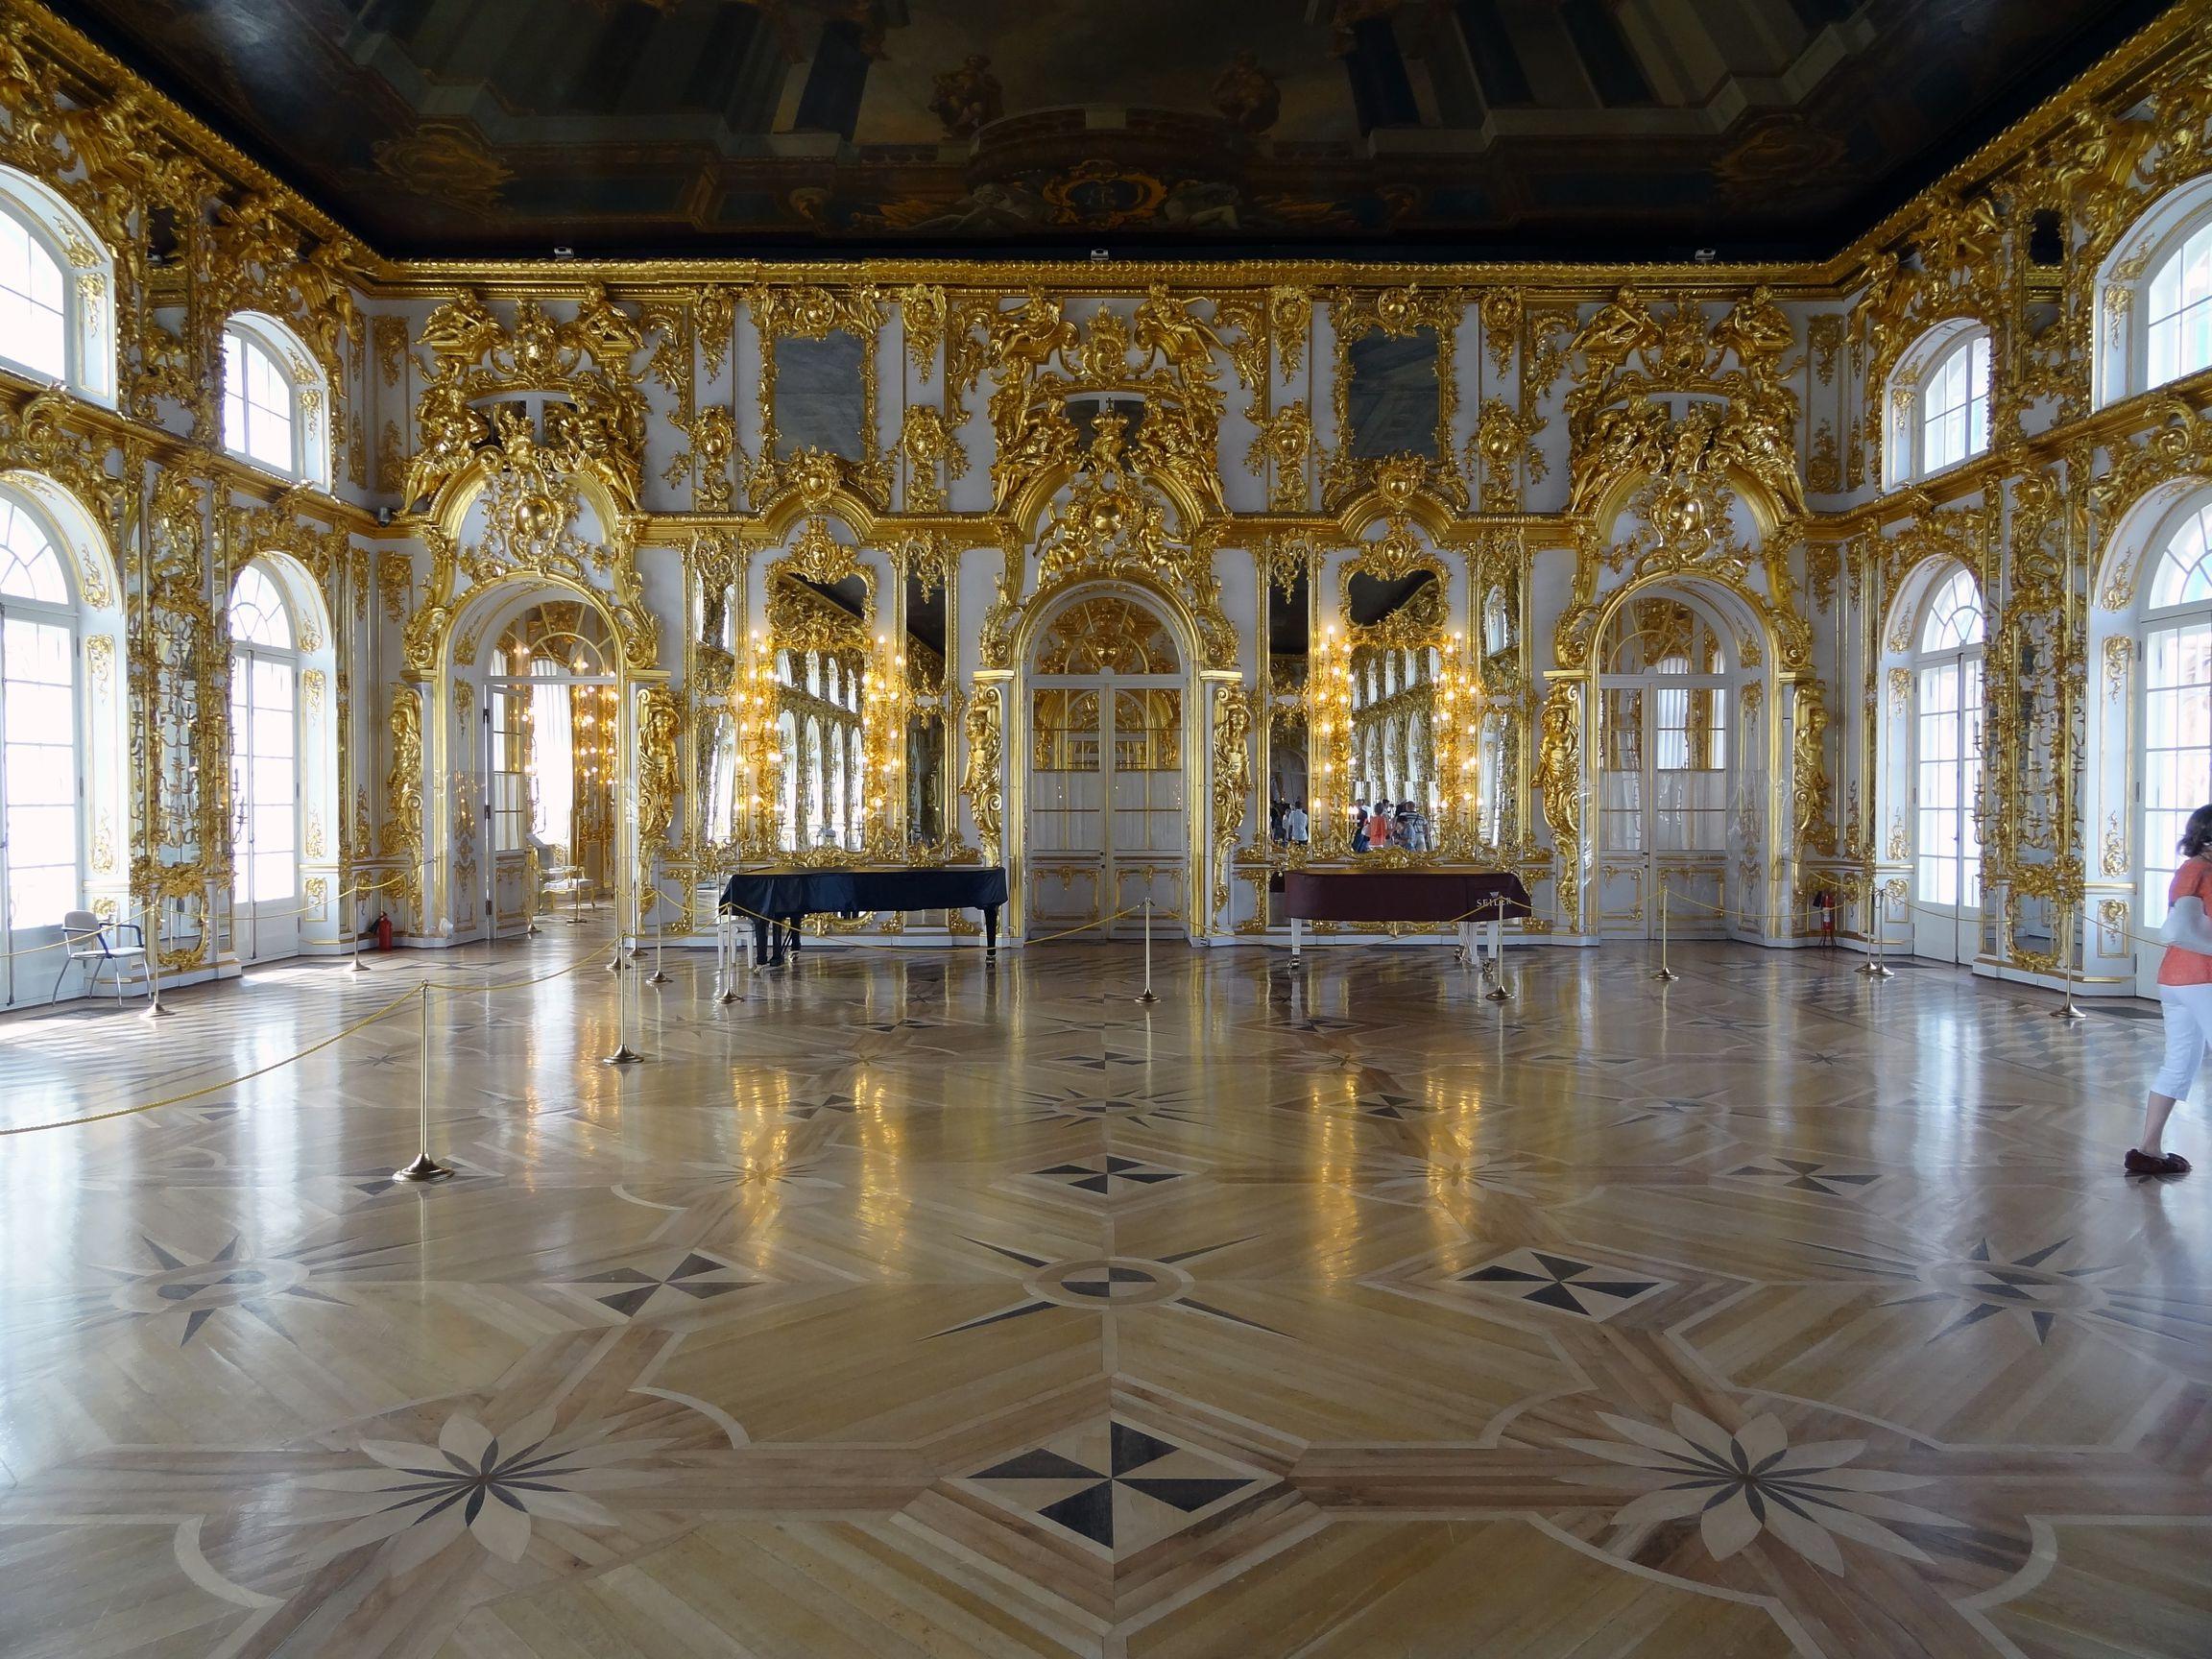 Ballsaal im Katharinenpalast